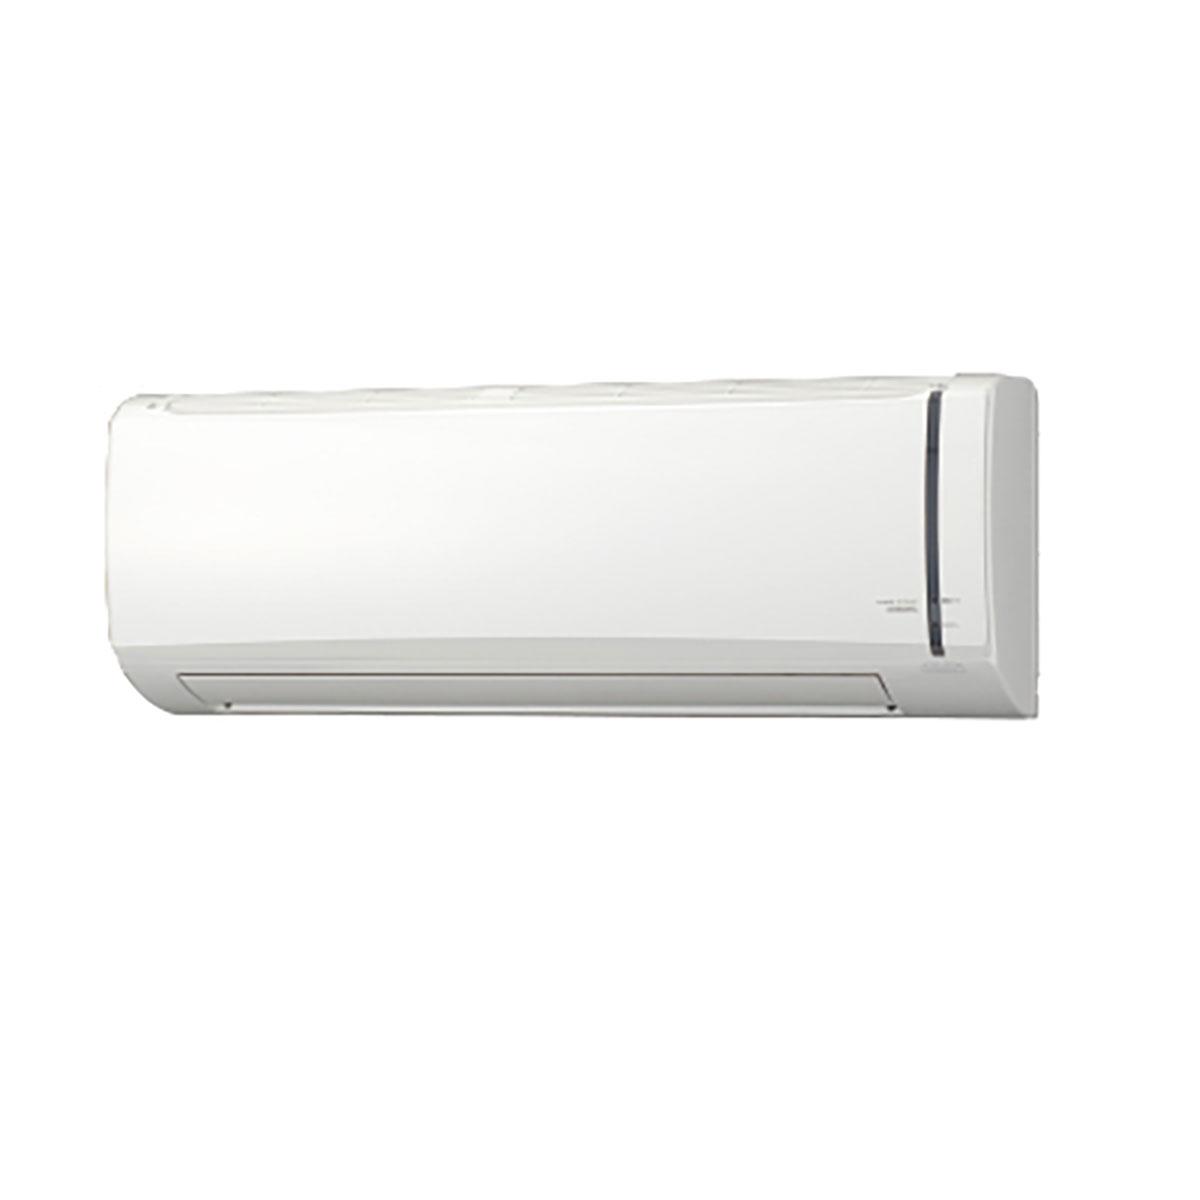 【エントリーでポイント9倍】コロナ/CORONA RC-V2819R(W) ルームエアコン 冷房8~12畳 エアコン冷房専用シリーズ【05/09 20:00~05/16 01:59】